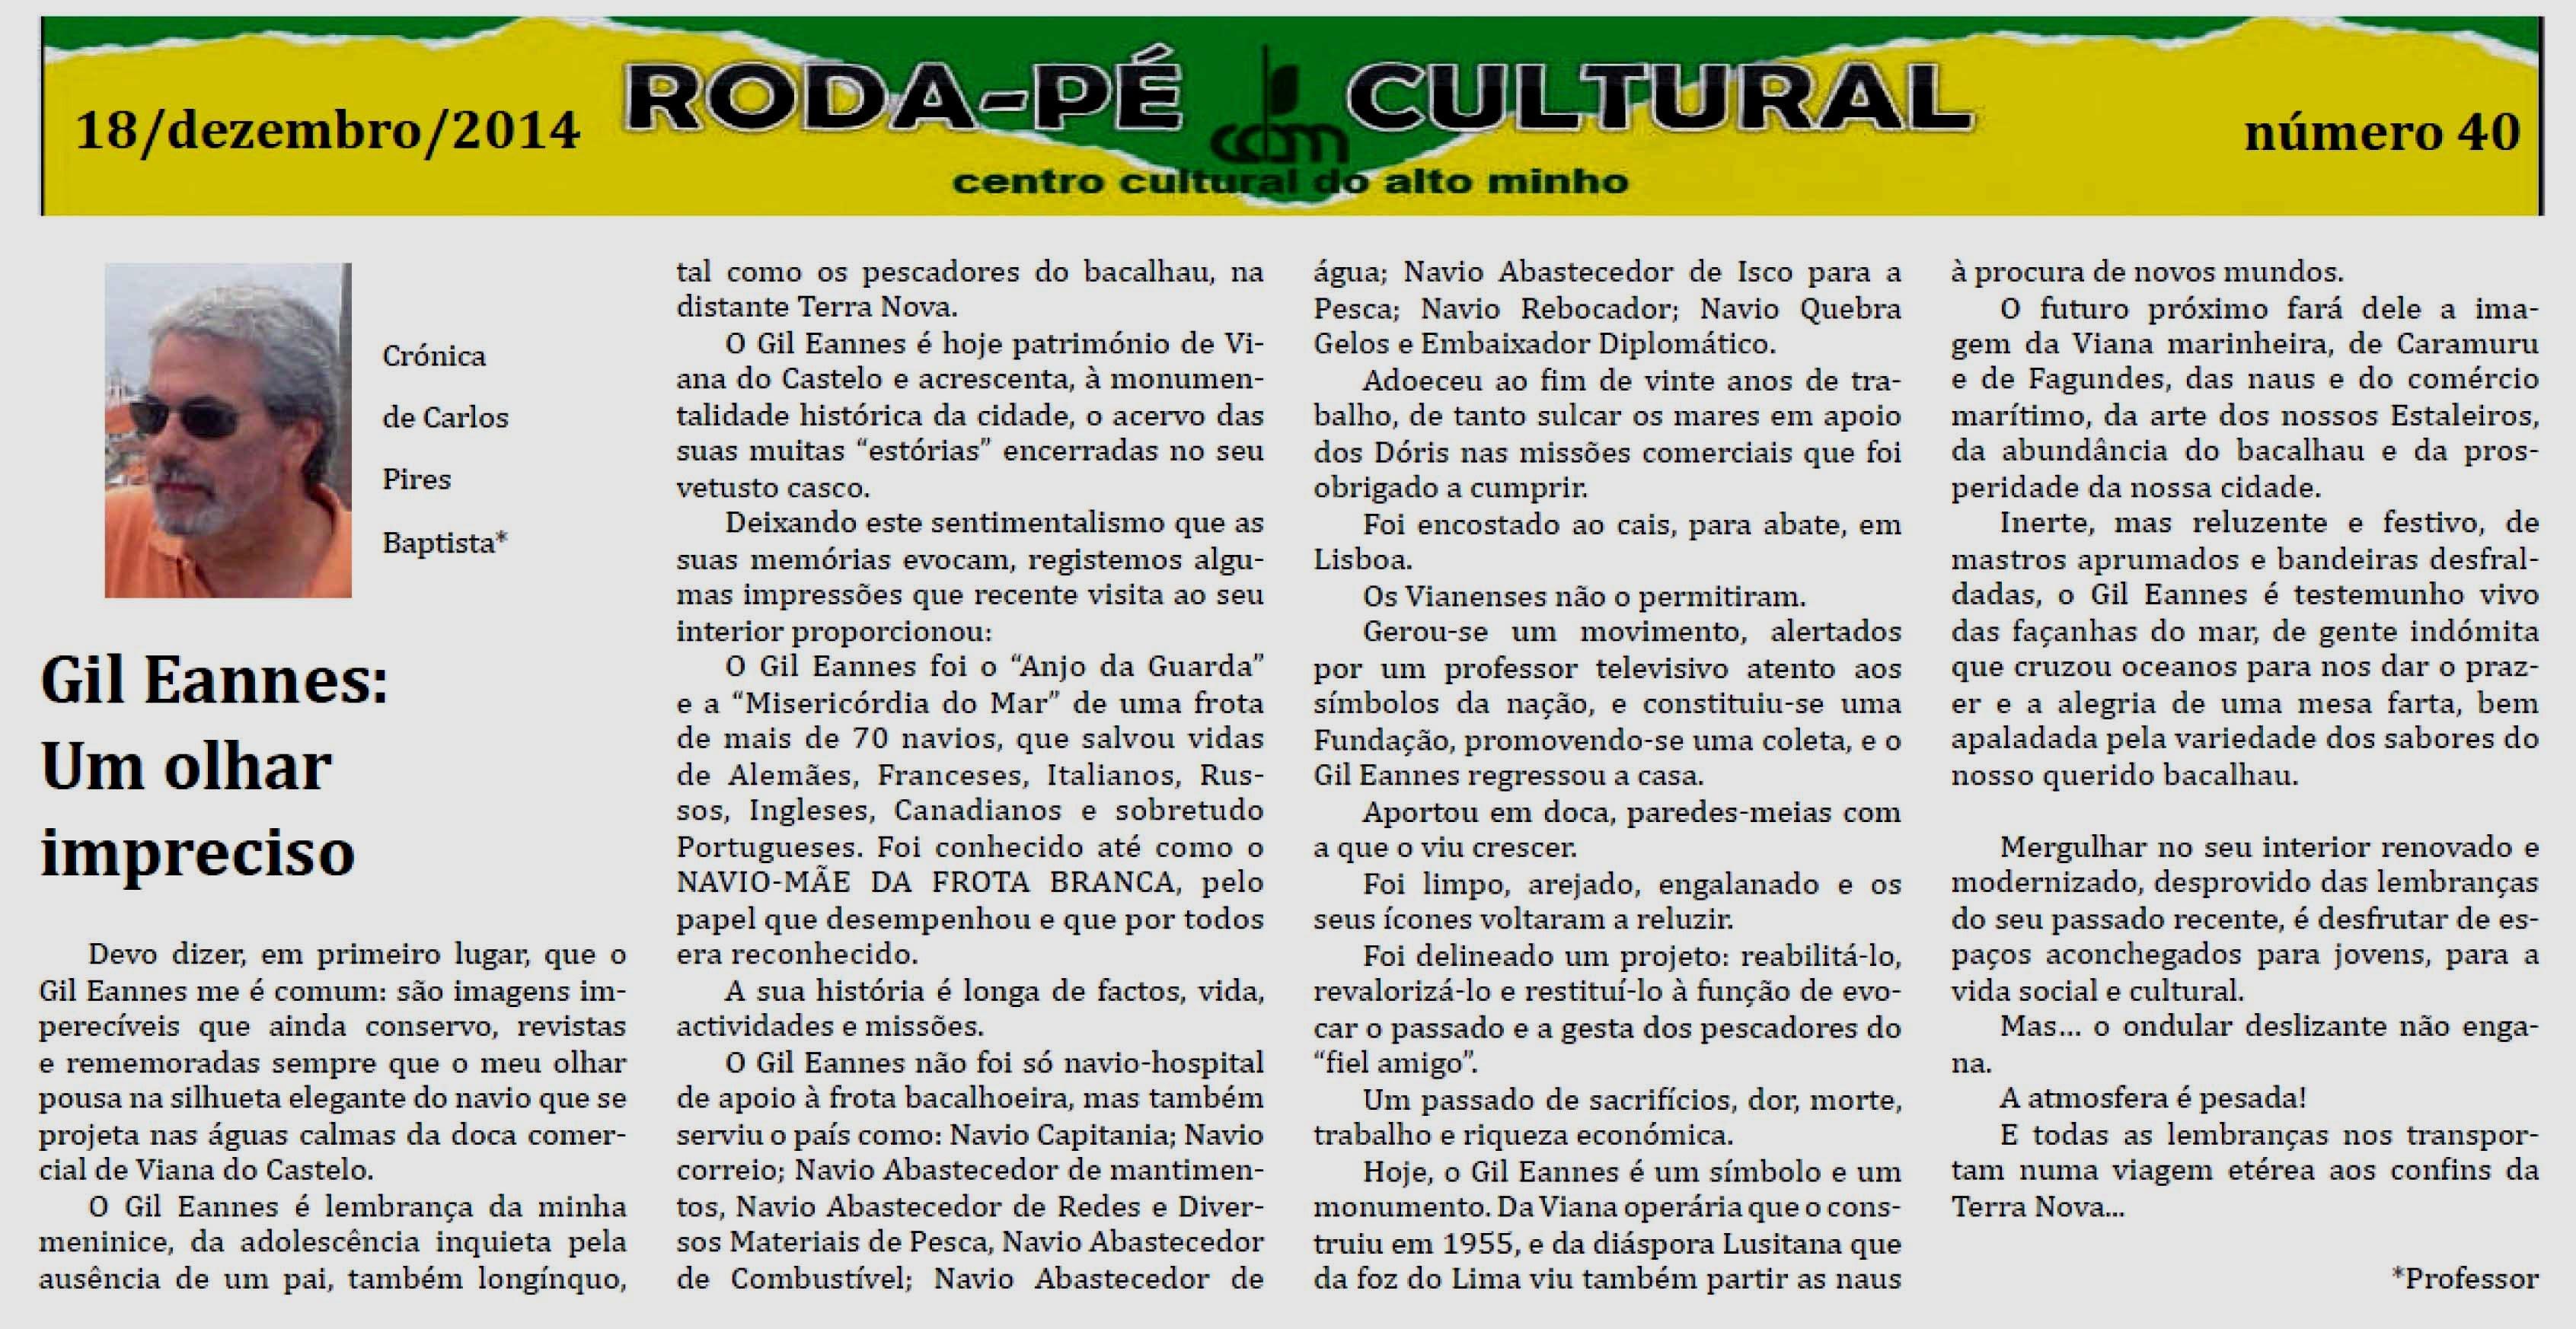 https://sites.google.com/a/centroculturaldoaltominho.org/ccam/actividades-realizadas/2014/Roda-Pe_40.jpg